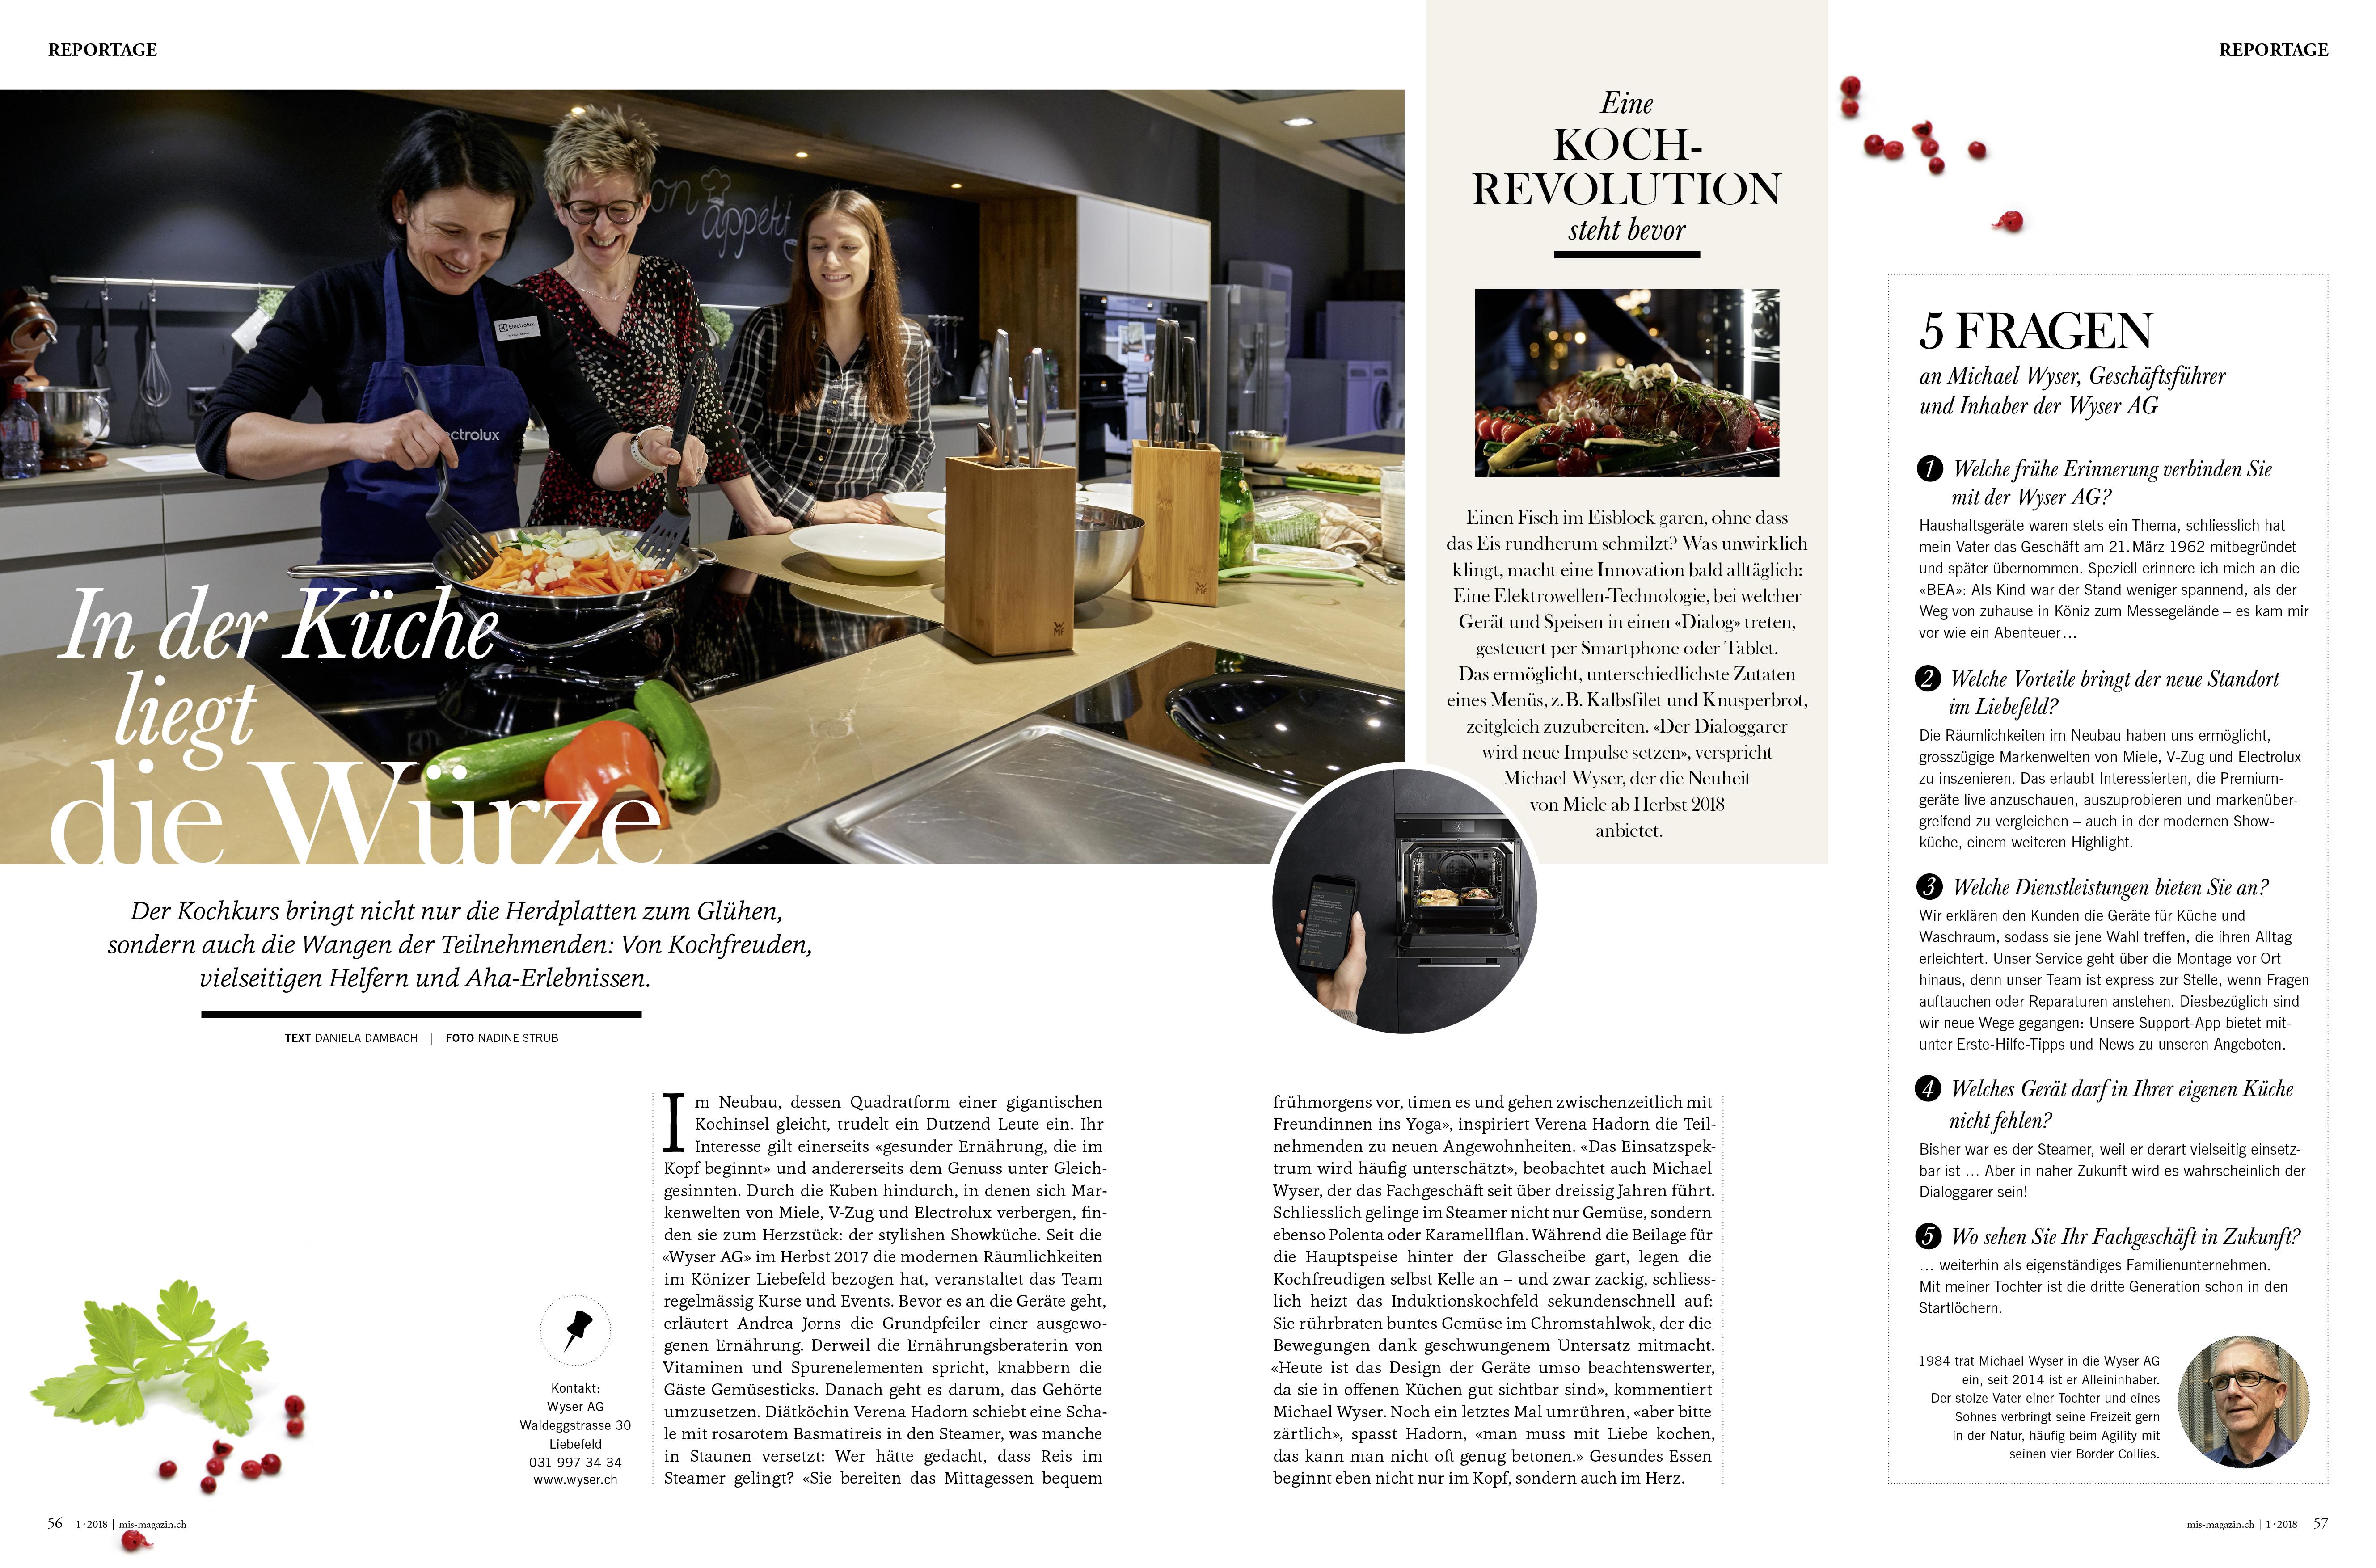 Berühmt Erste Hilfe Küche Bilder - Schlafzimmer Ideen - losviajes.info